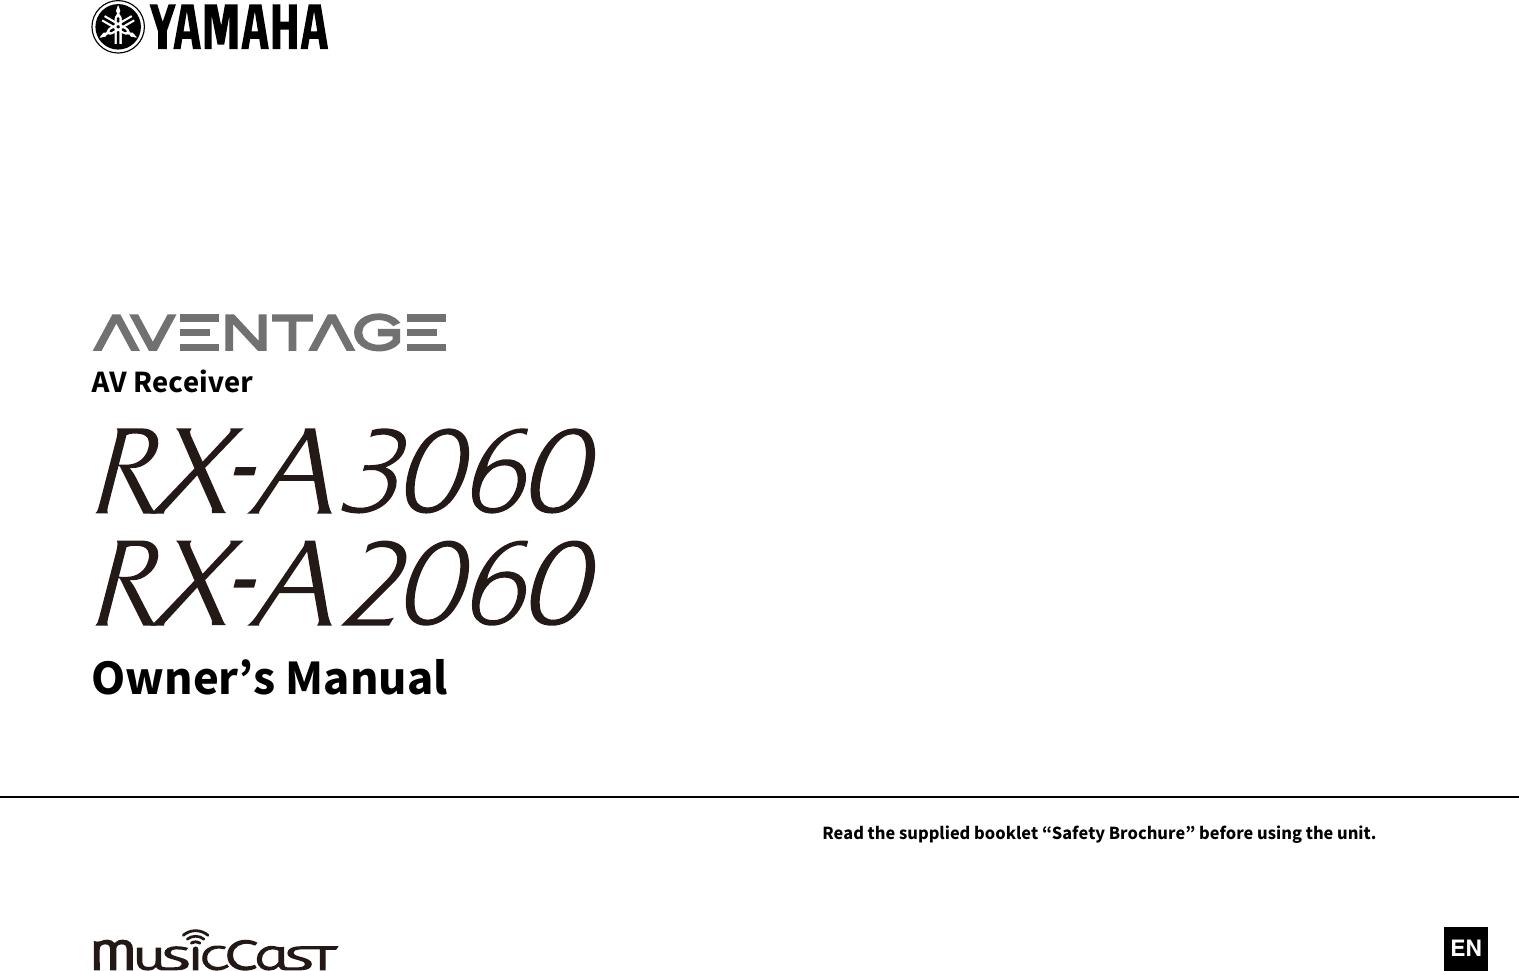 Yamaha Rx A3060 A2060 Owners Manual Yh790b0 En1 2060 Om Motor Vega Force Db Sw Ucrabglf En C0